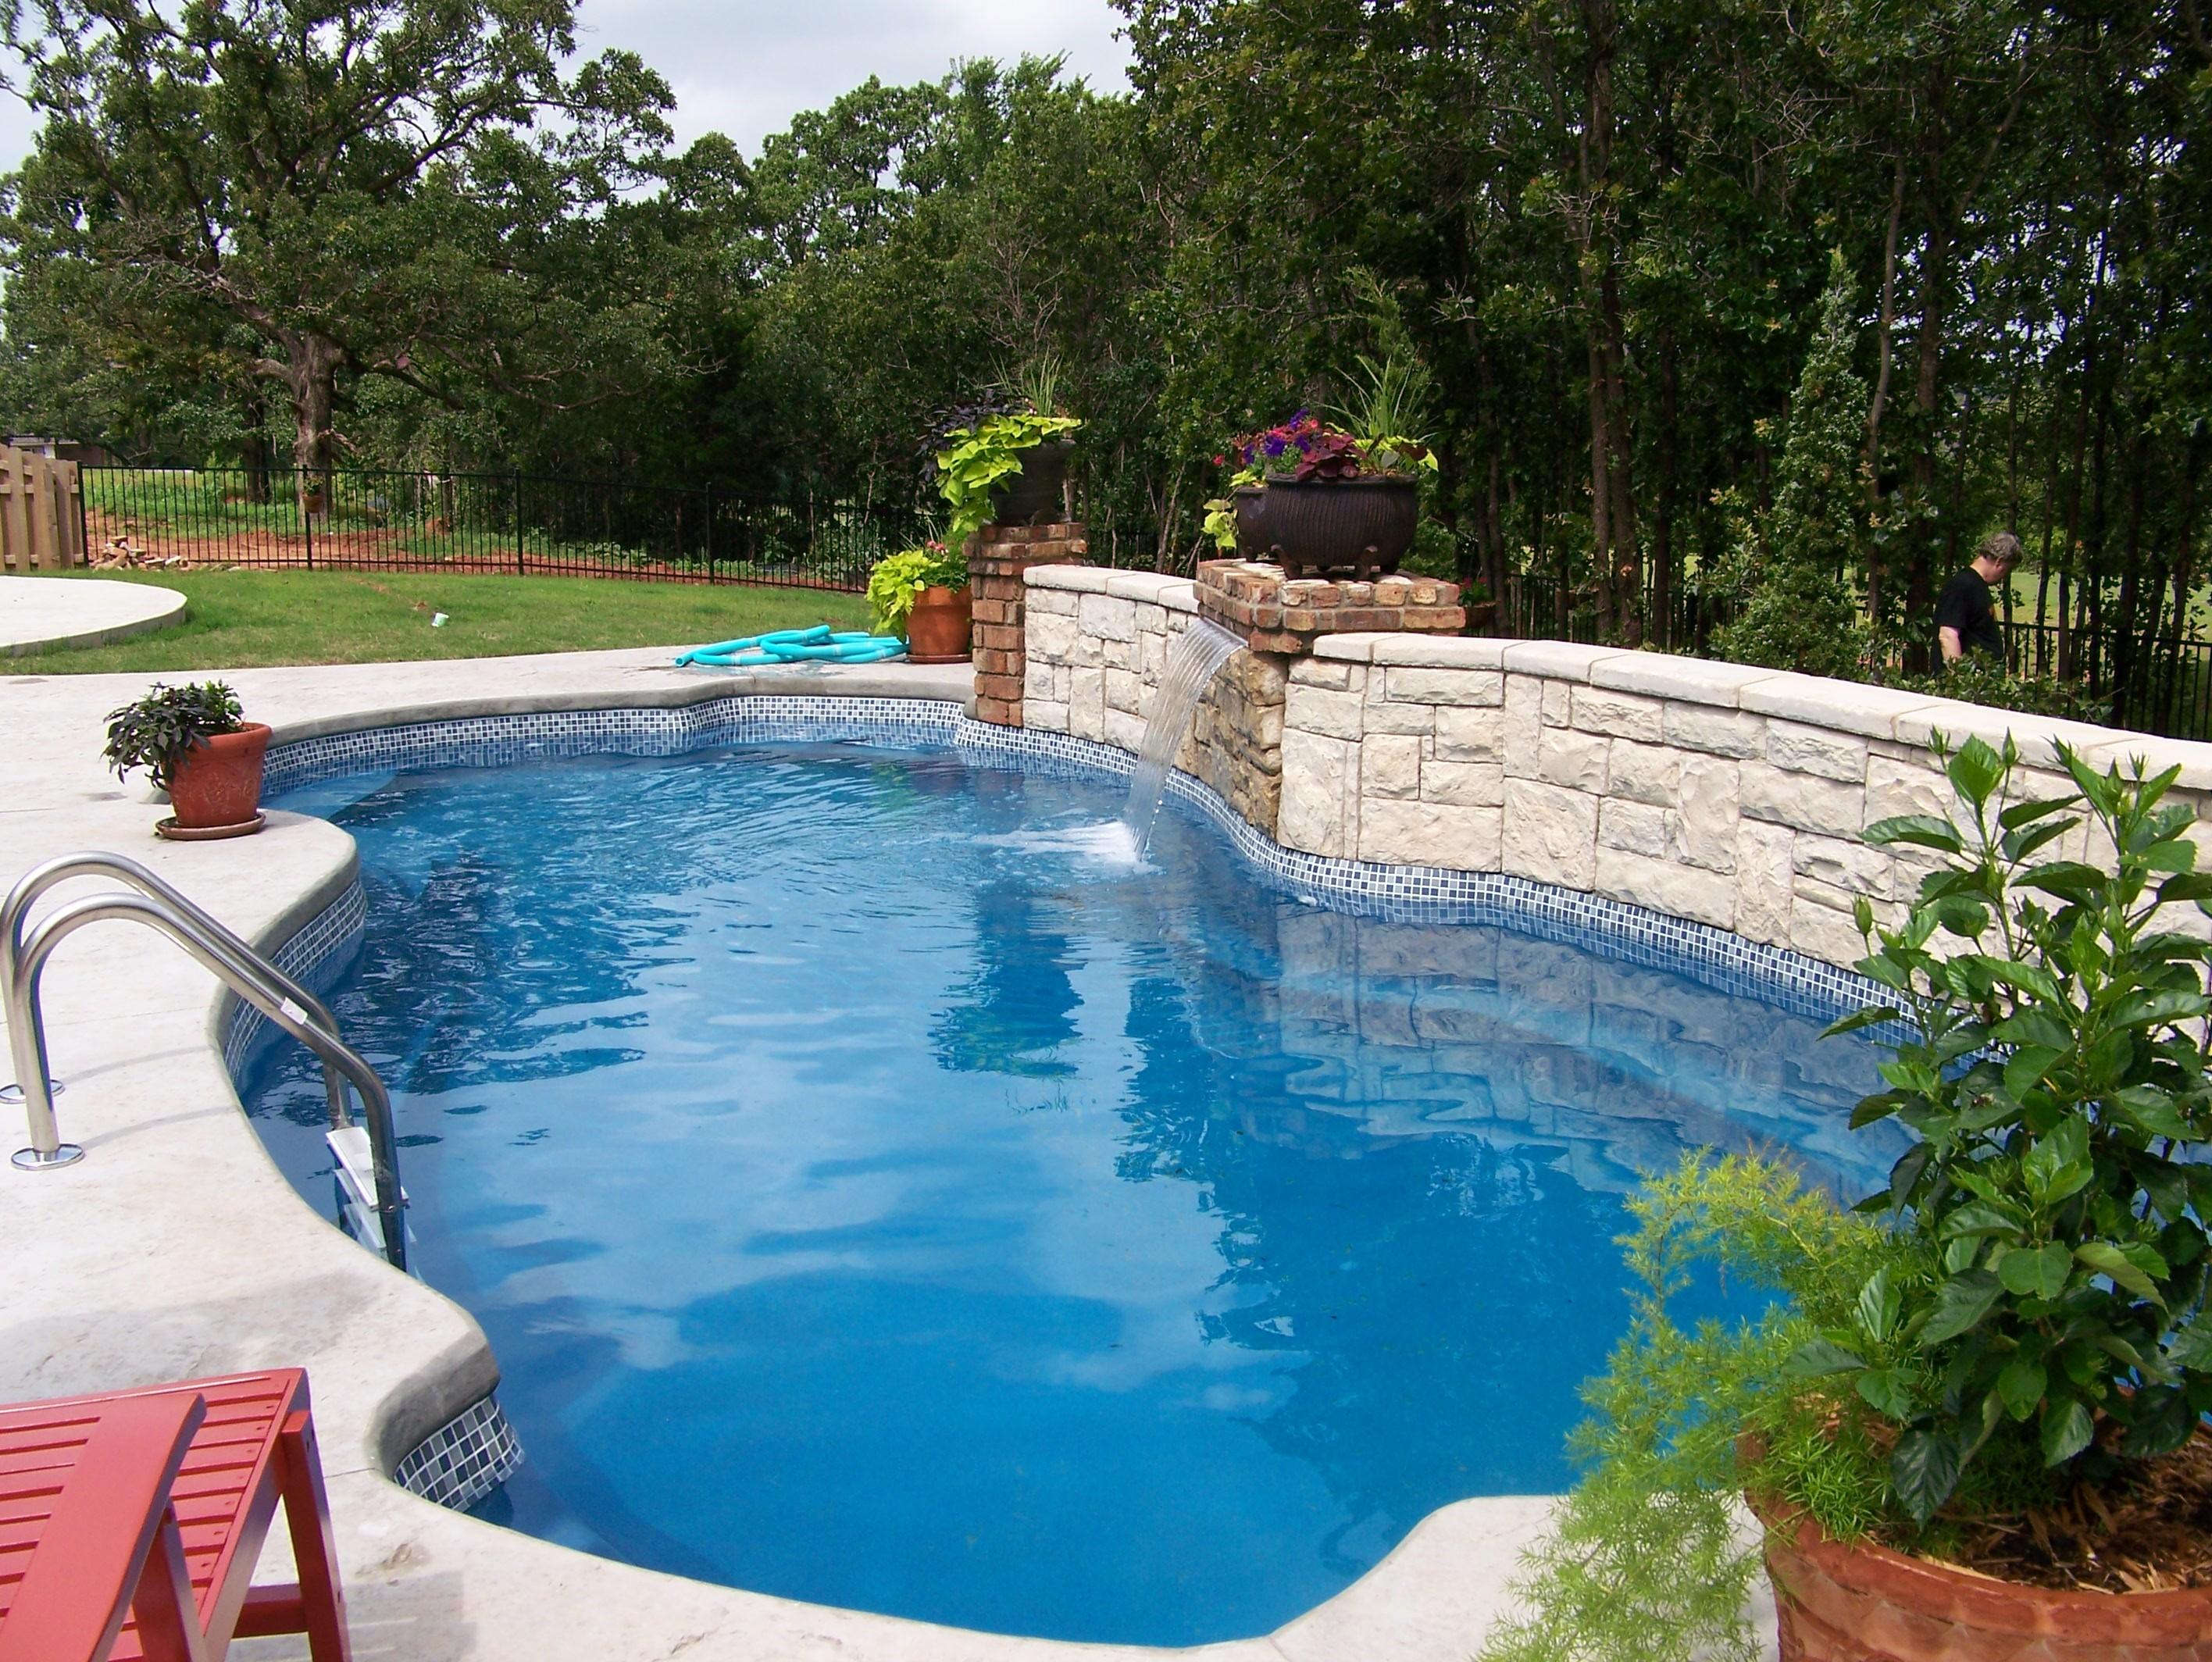 Elegant landscaping around the inground swimming pool.